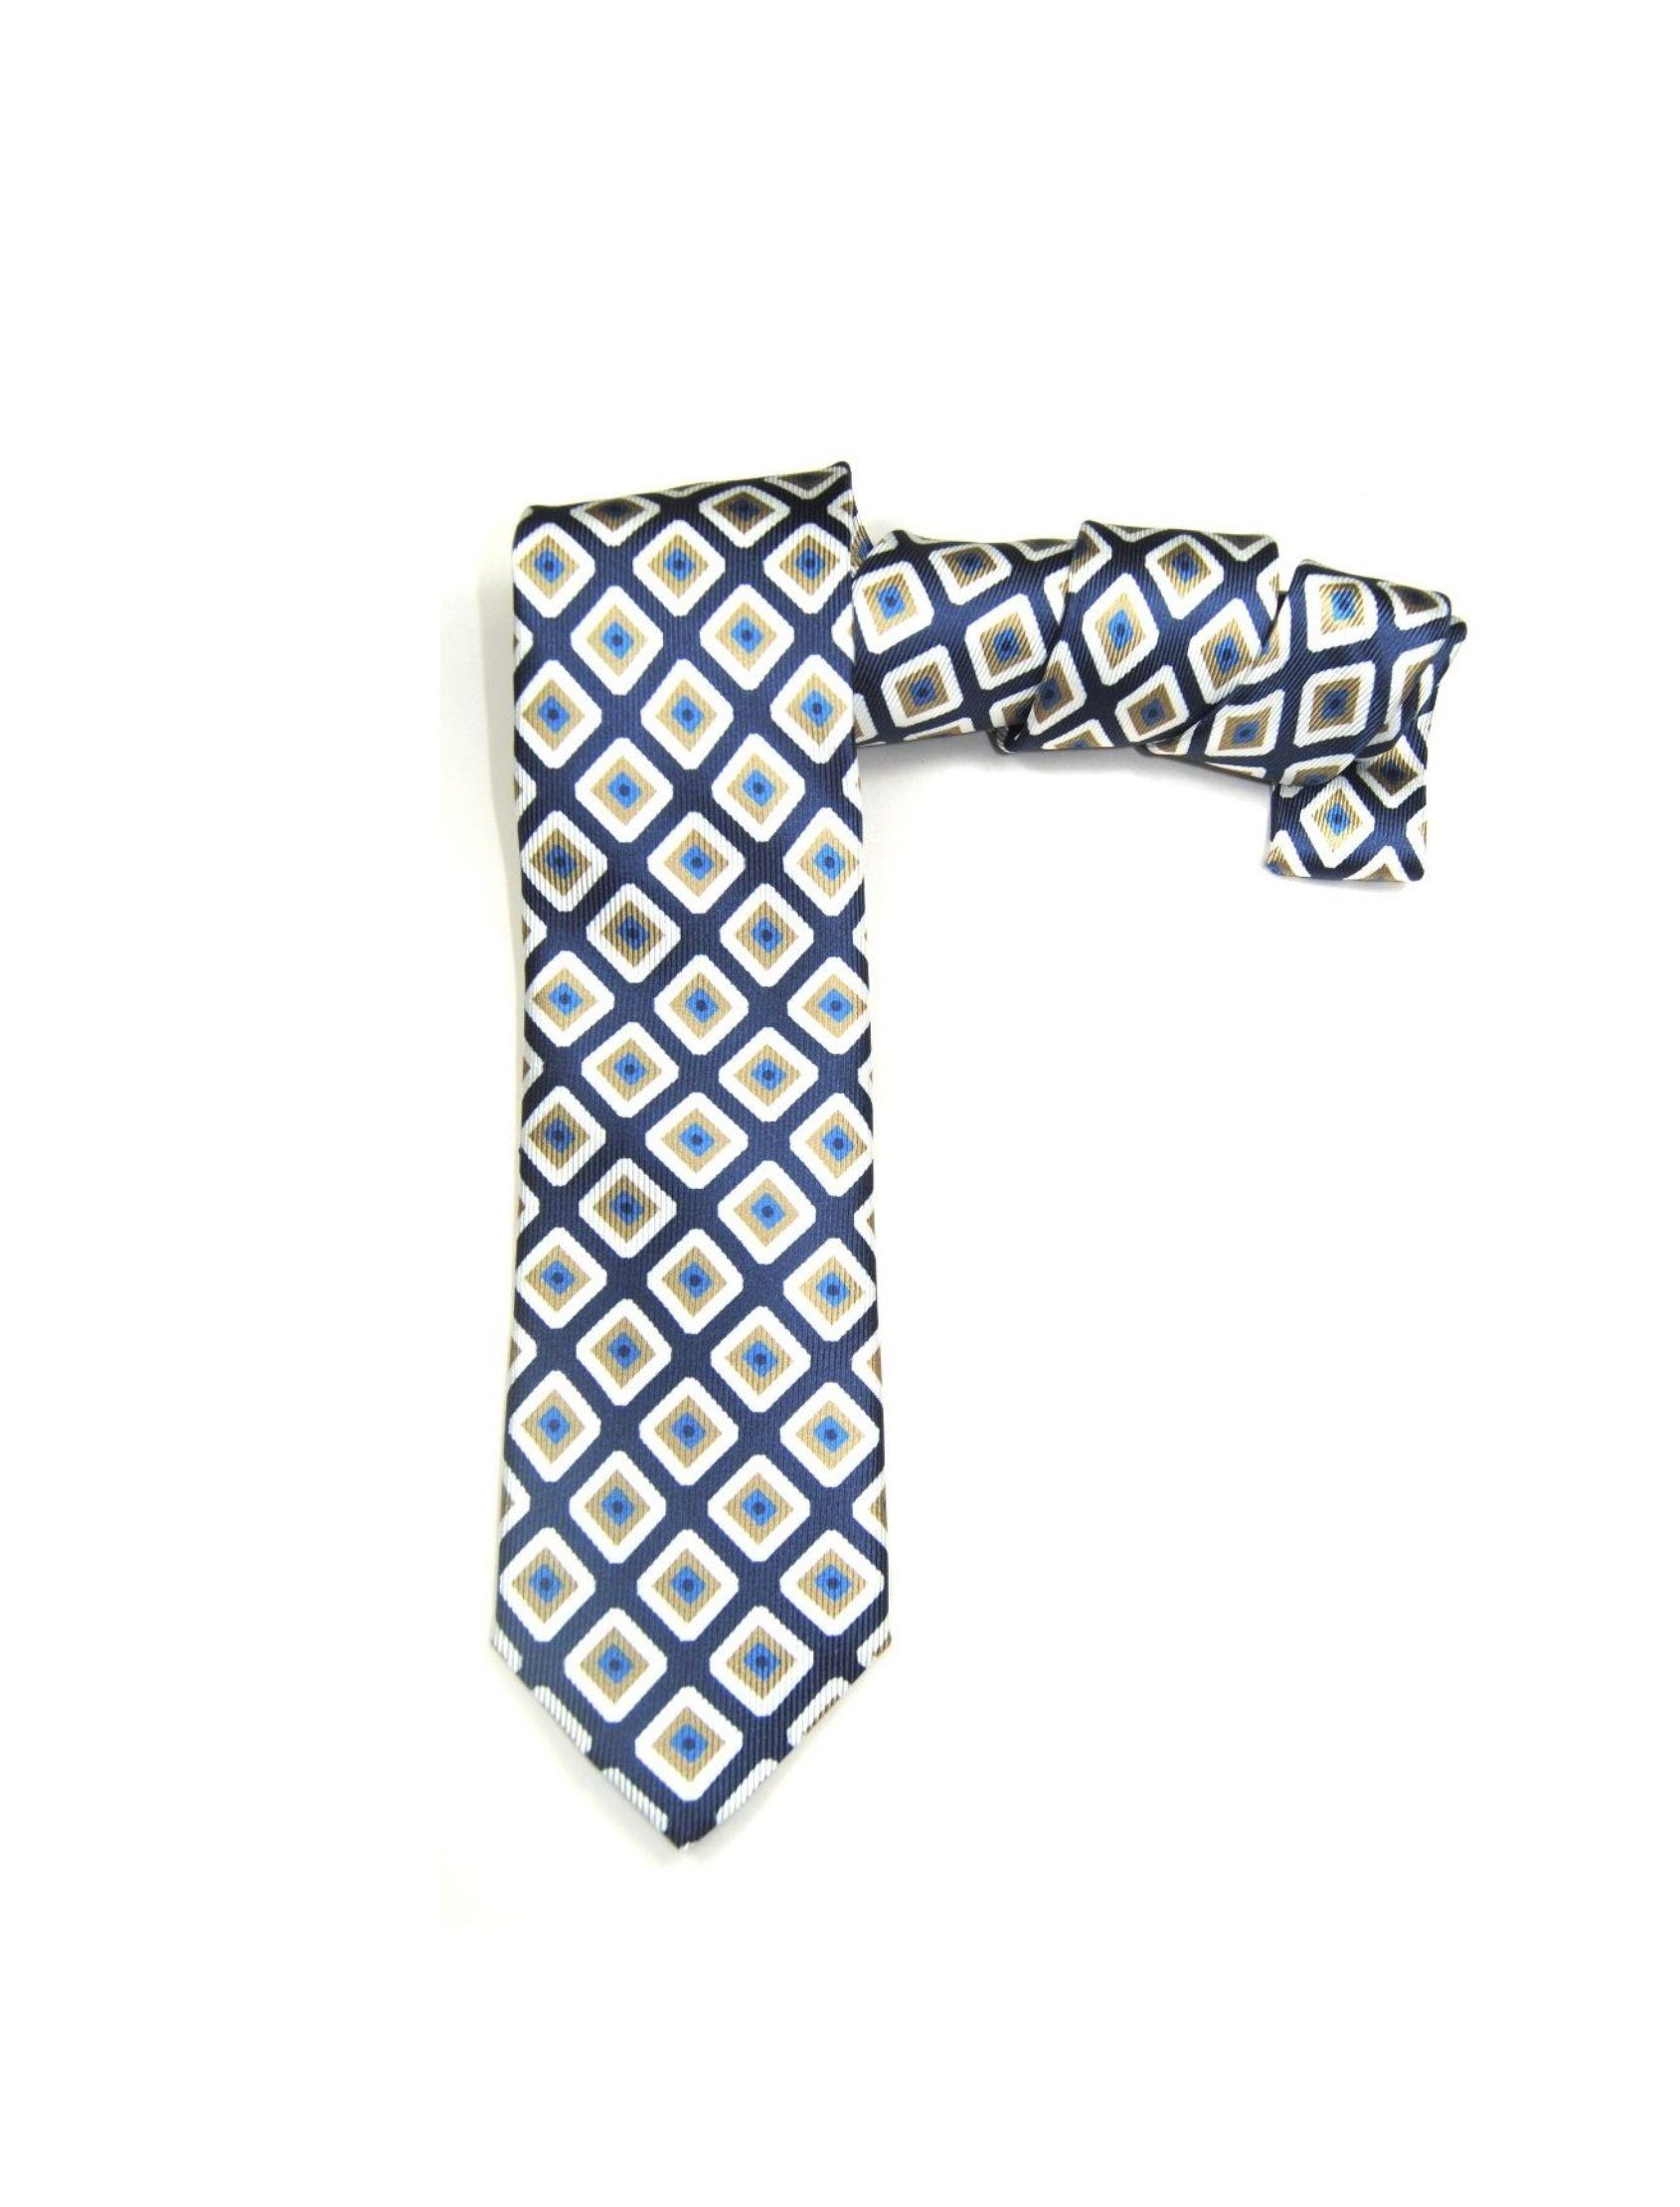 Corbata hombre con estampado geométrico en azul y beige. Fabricada en seda saglione